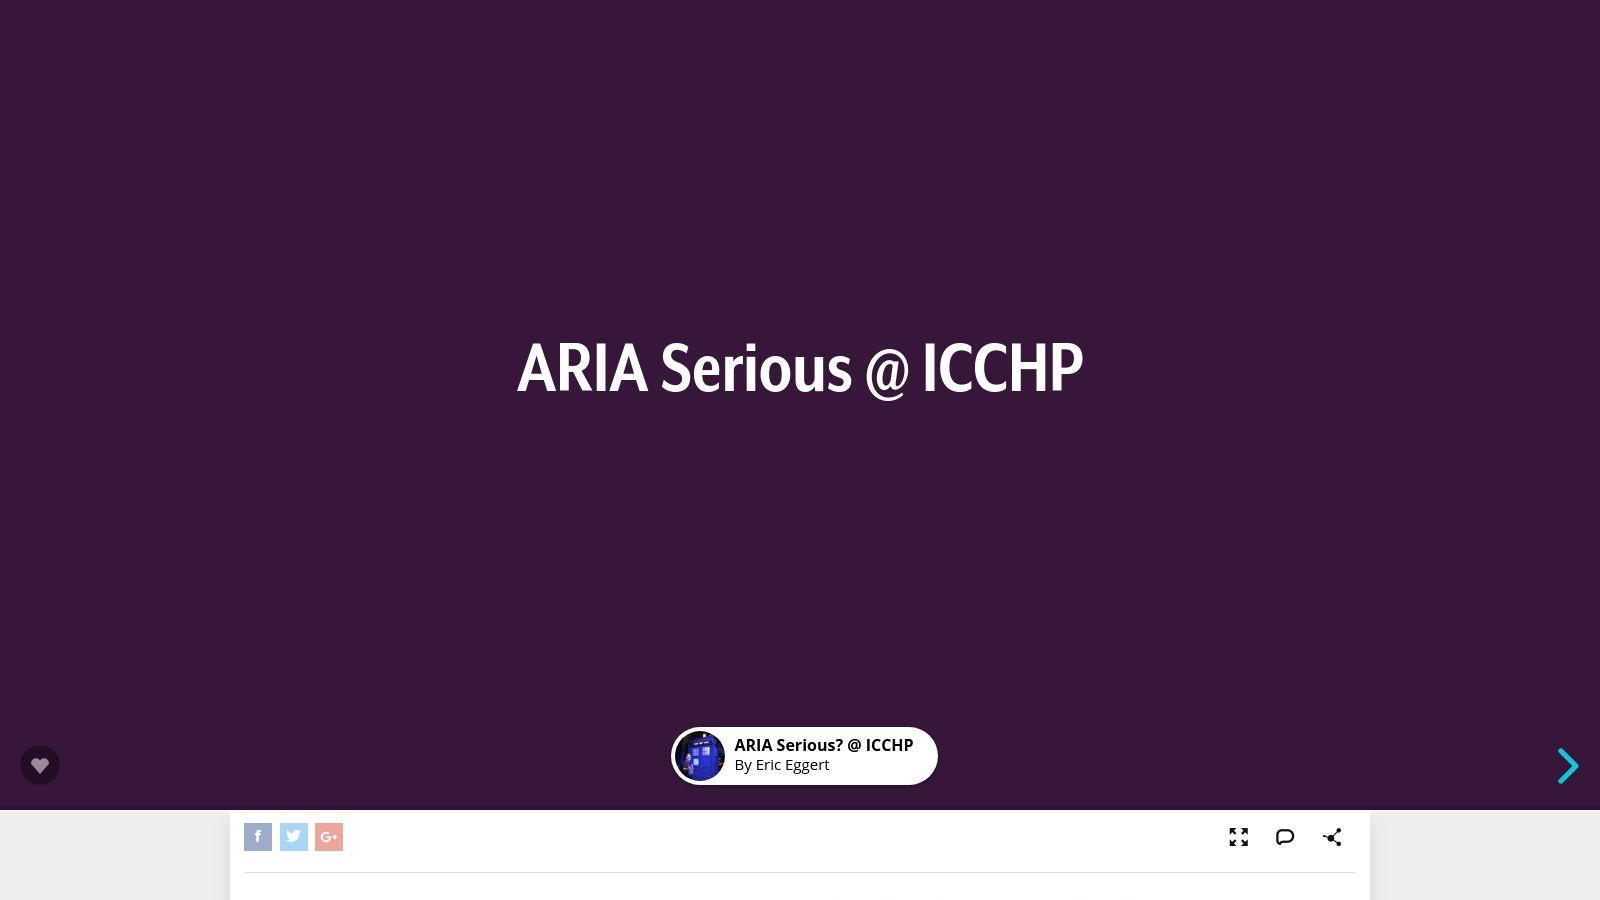 ARIA Serious @ ICCHP